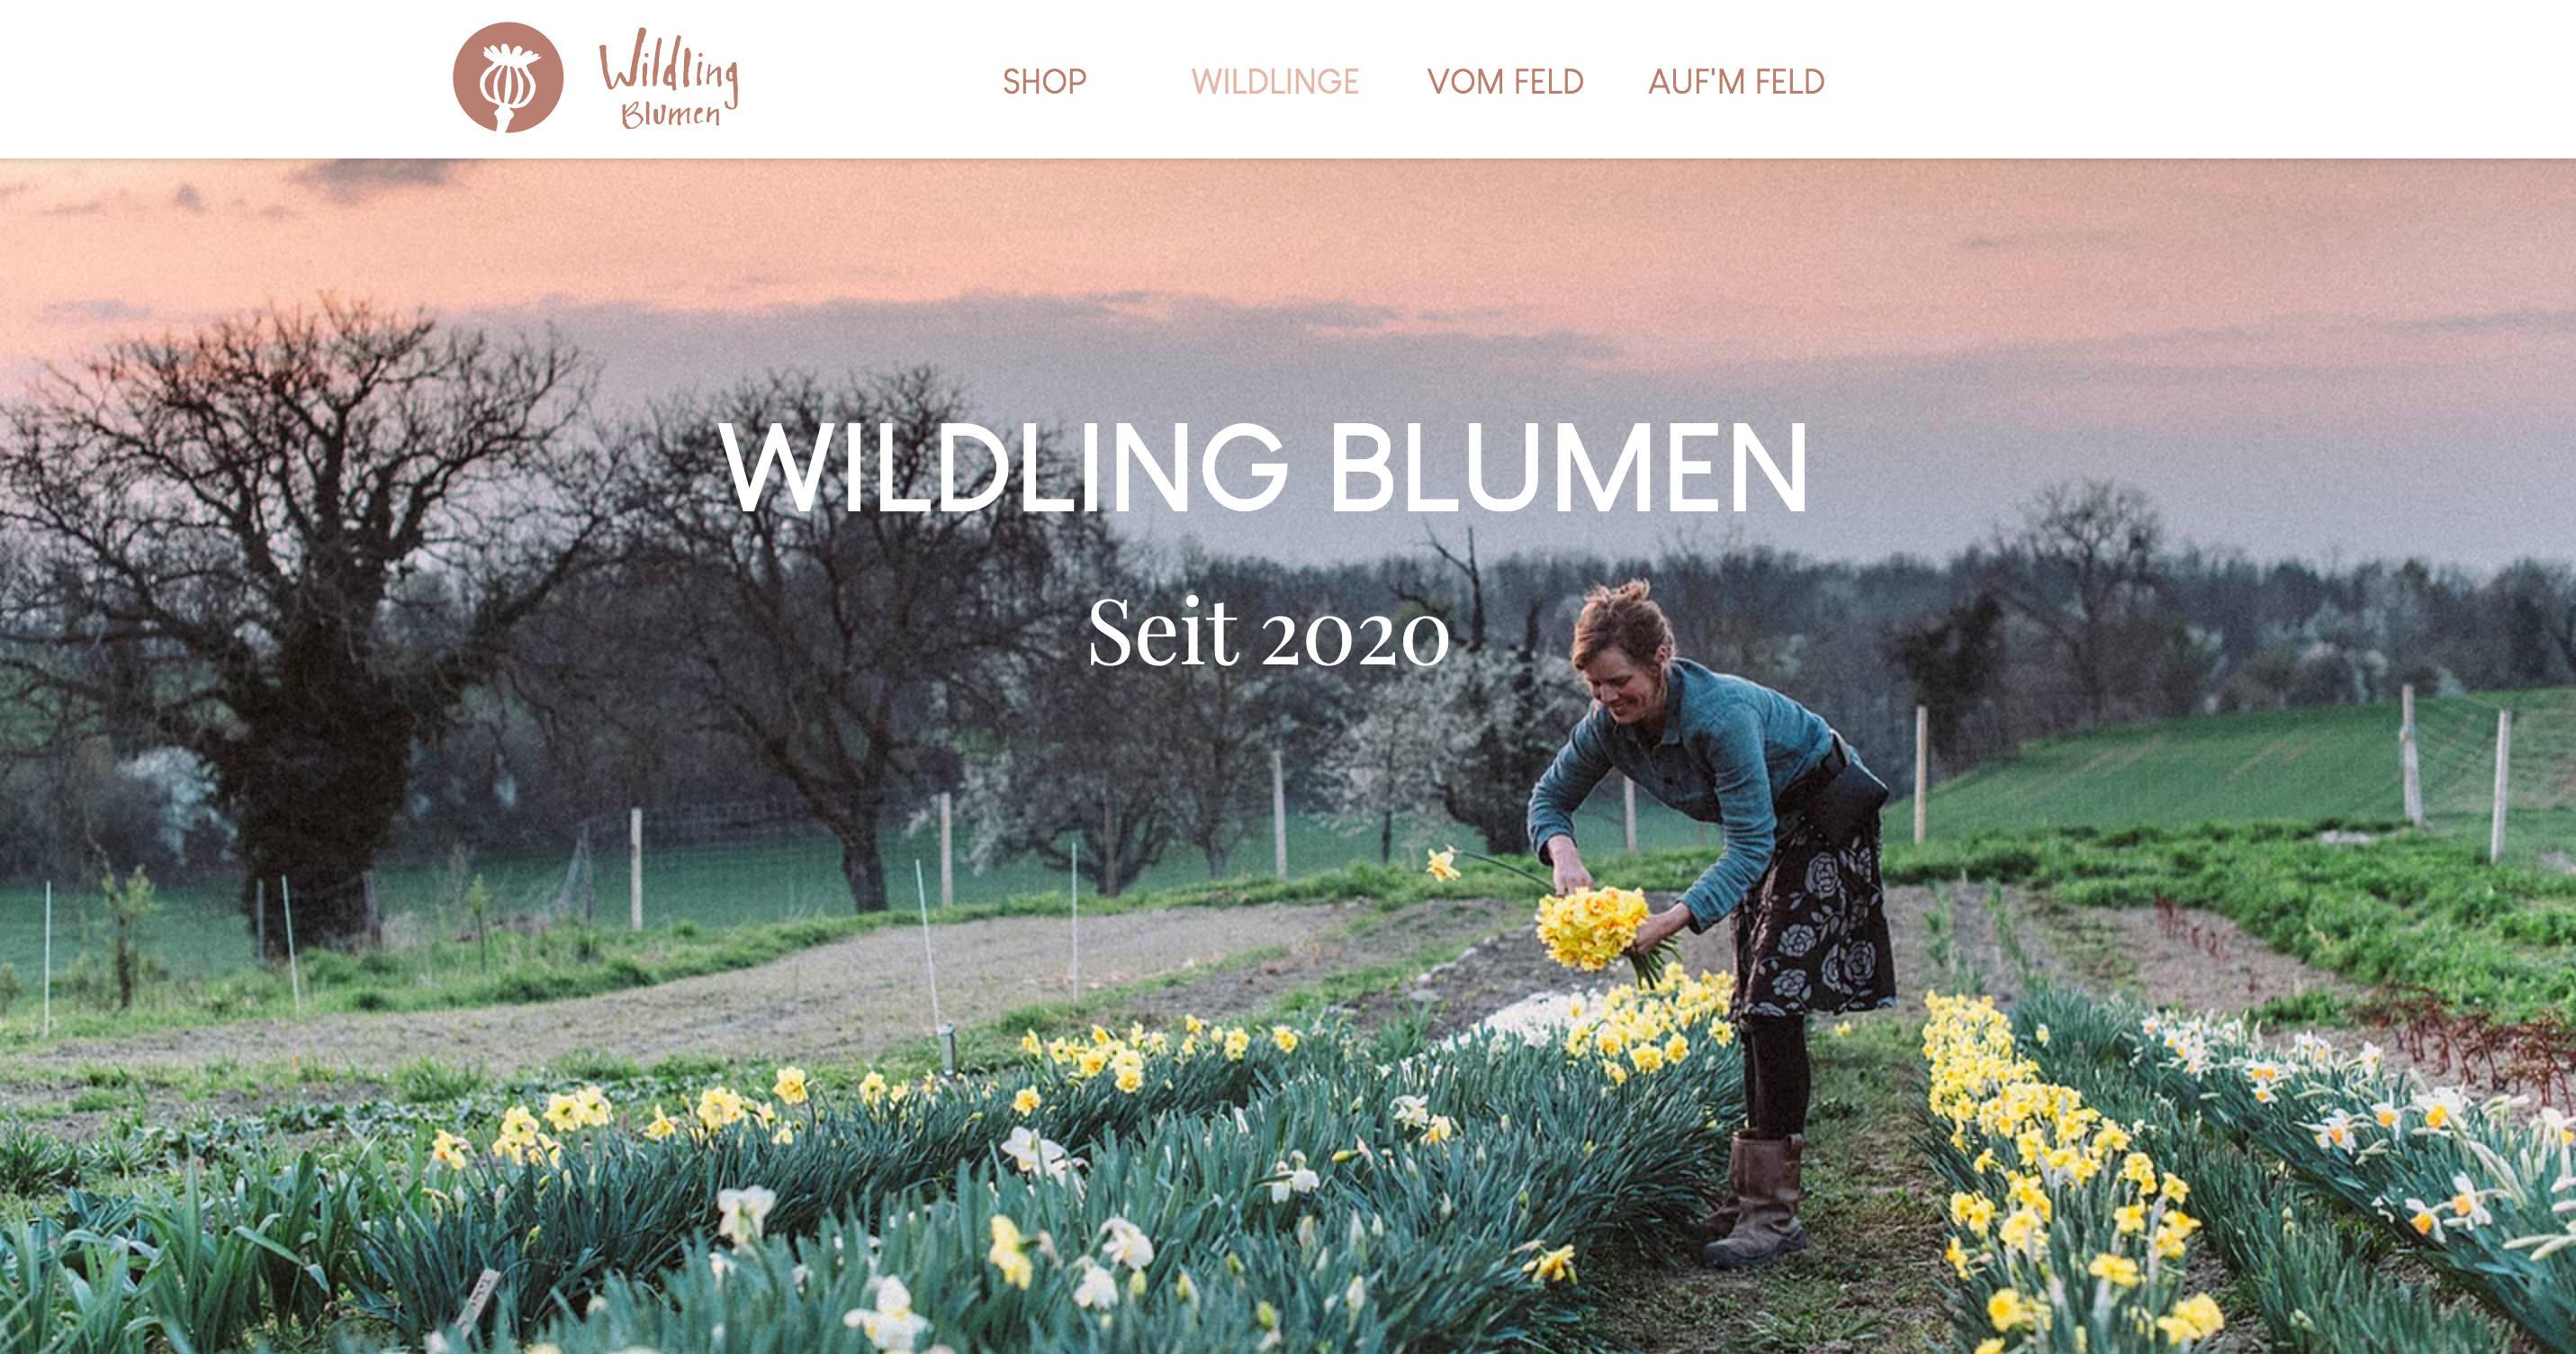 Professionelle Businessfotos für die Website